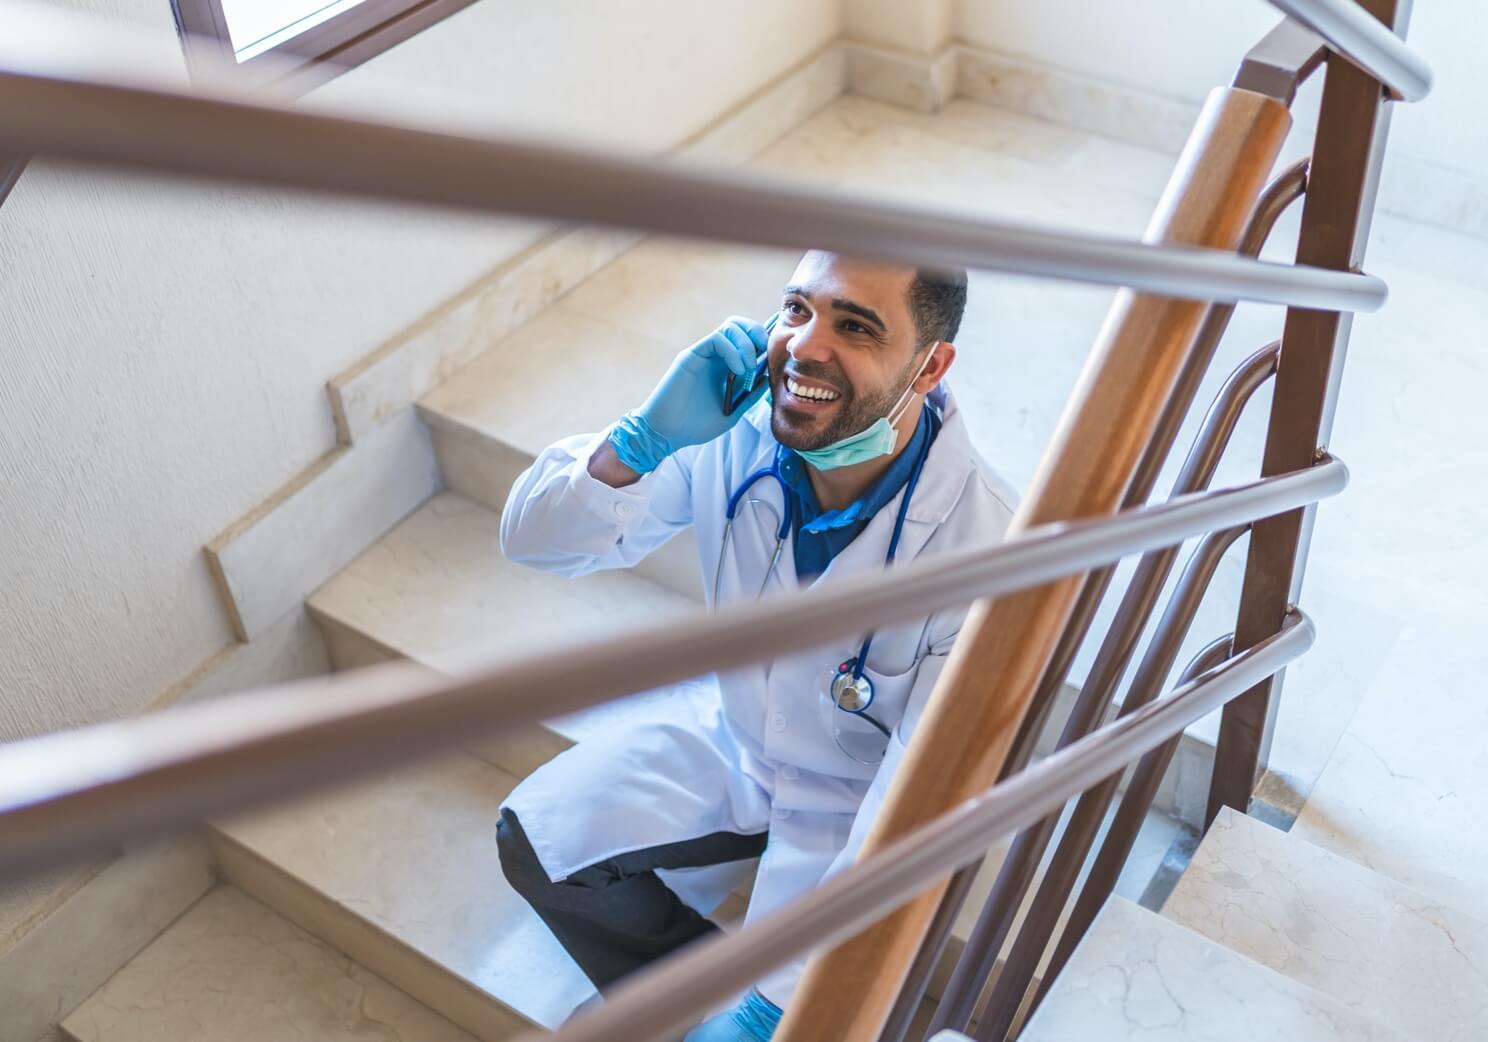 Lekarz rozmawiający przez telefon na korytarzu